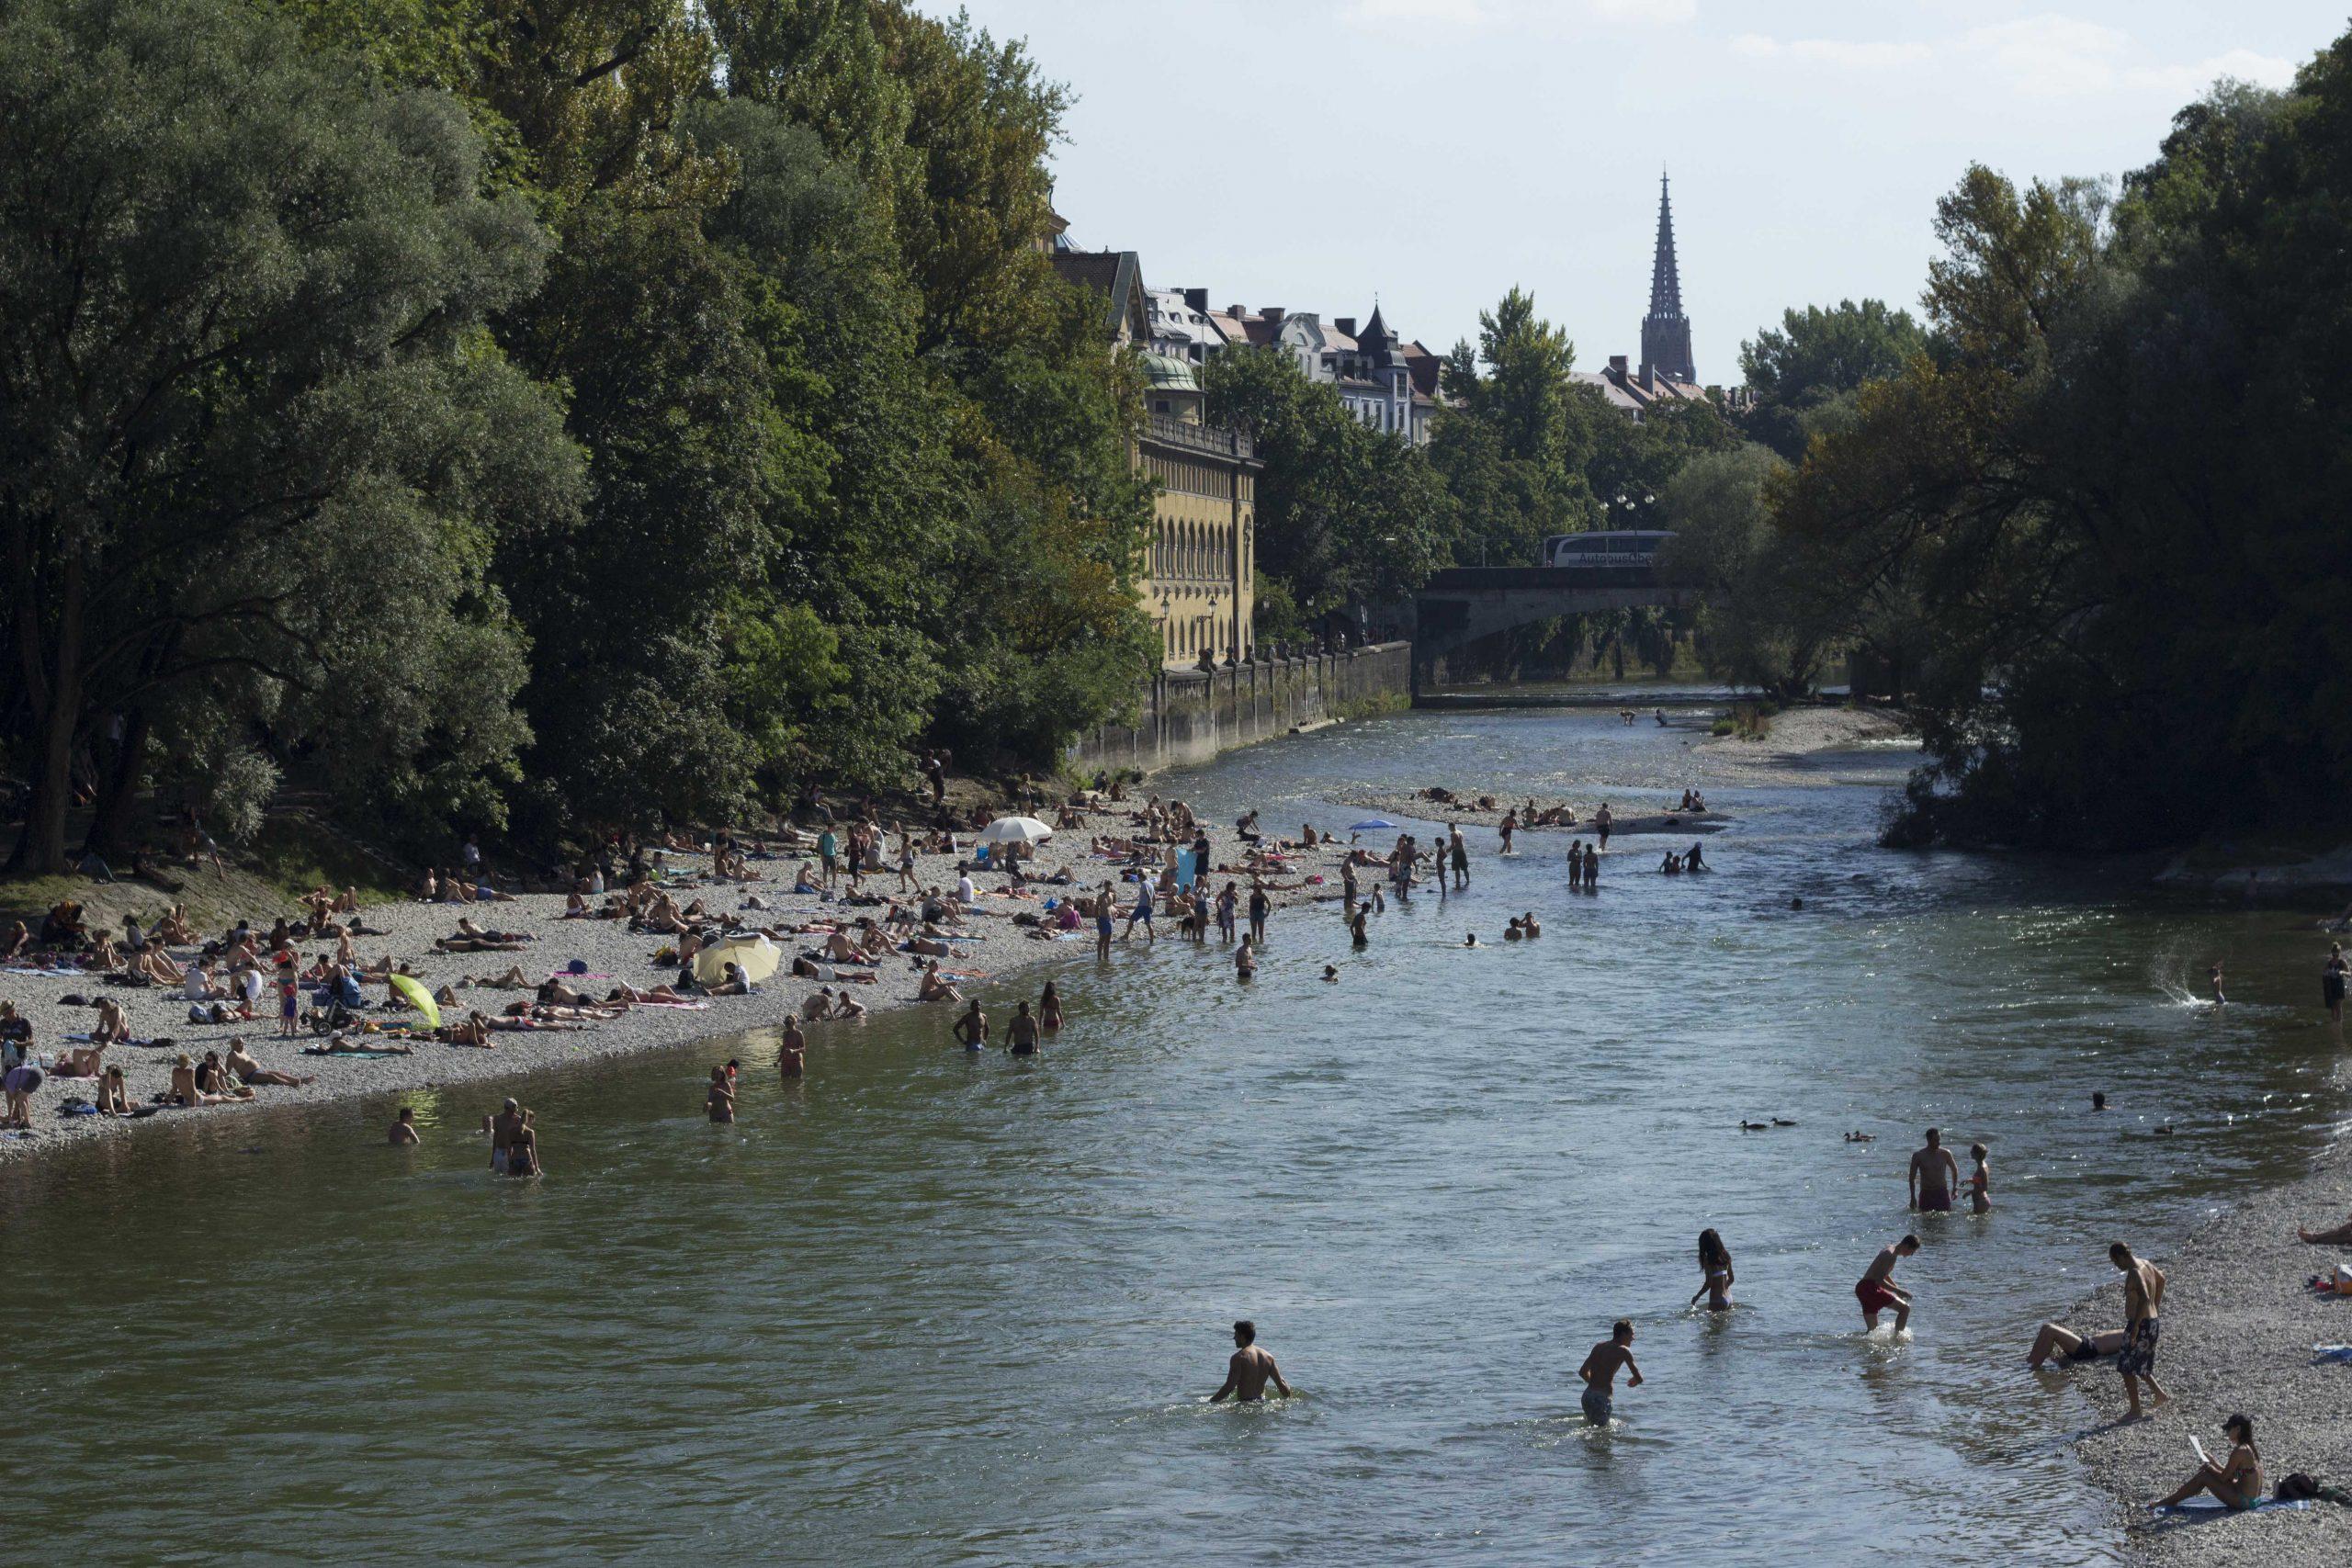 Aliviando o calor do verão em Munique no rio Isar, que banha a cidade